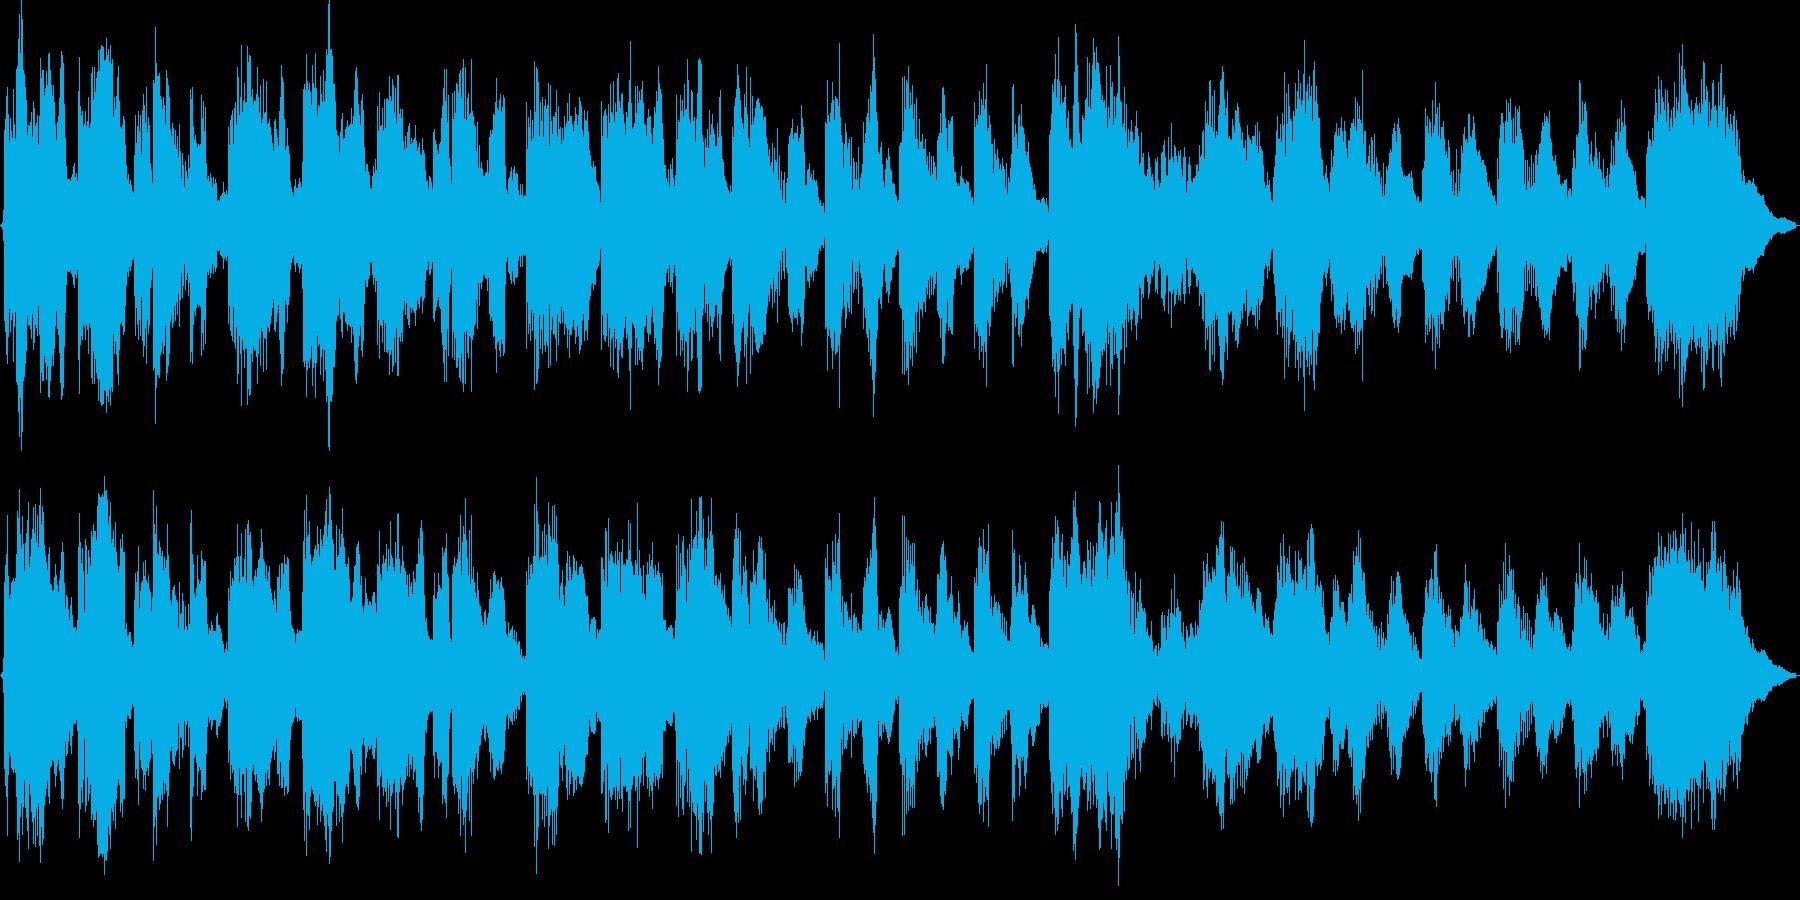 ポップなジングル(マーチ風)の再生済みの波形